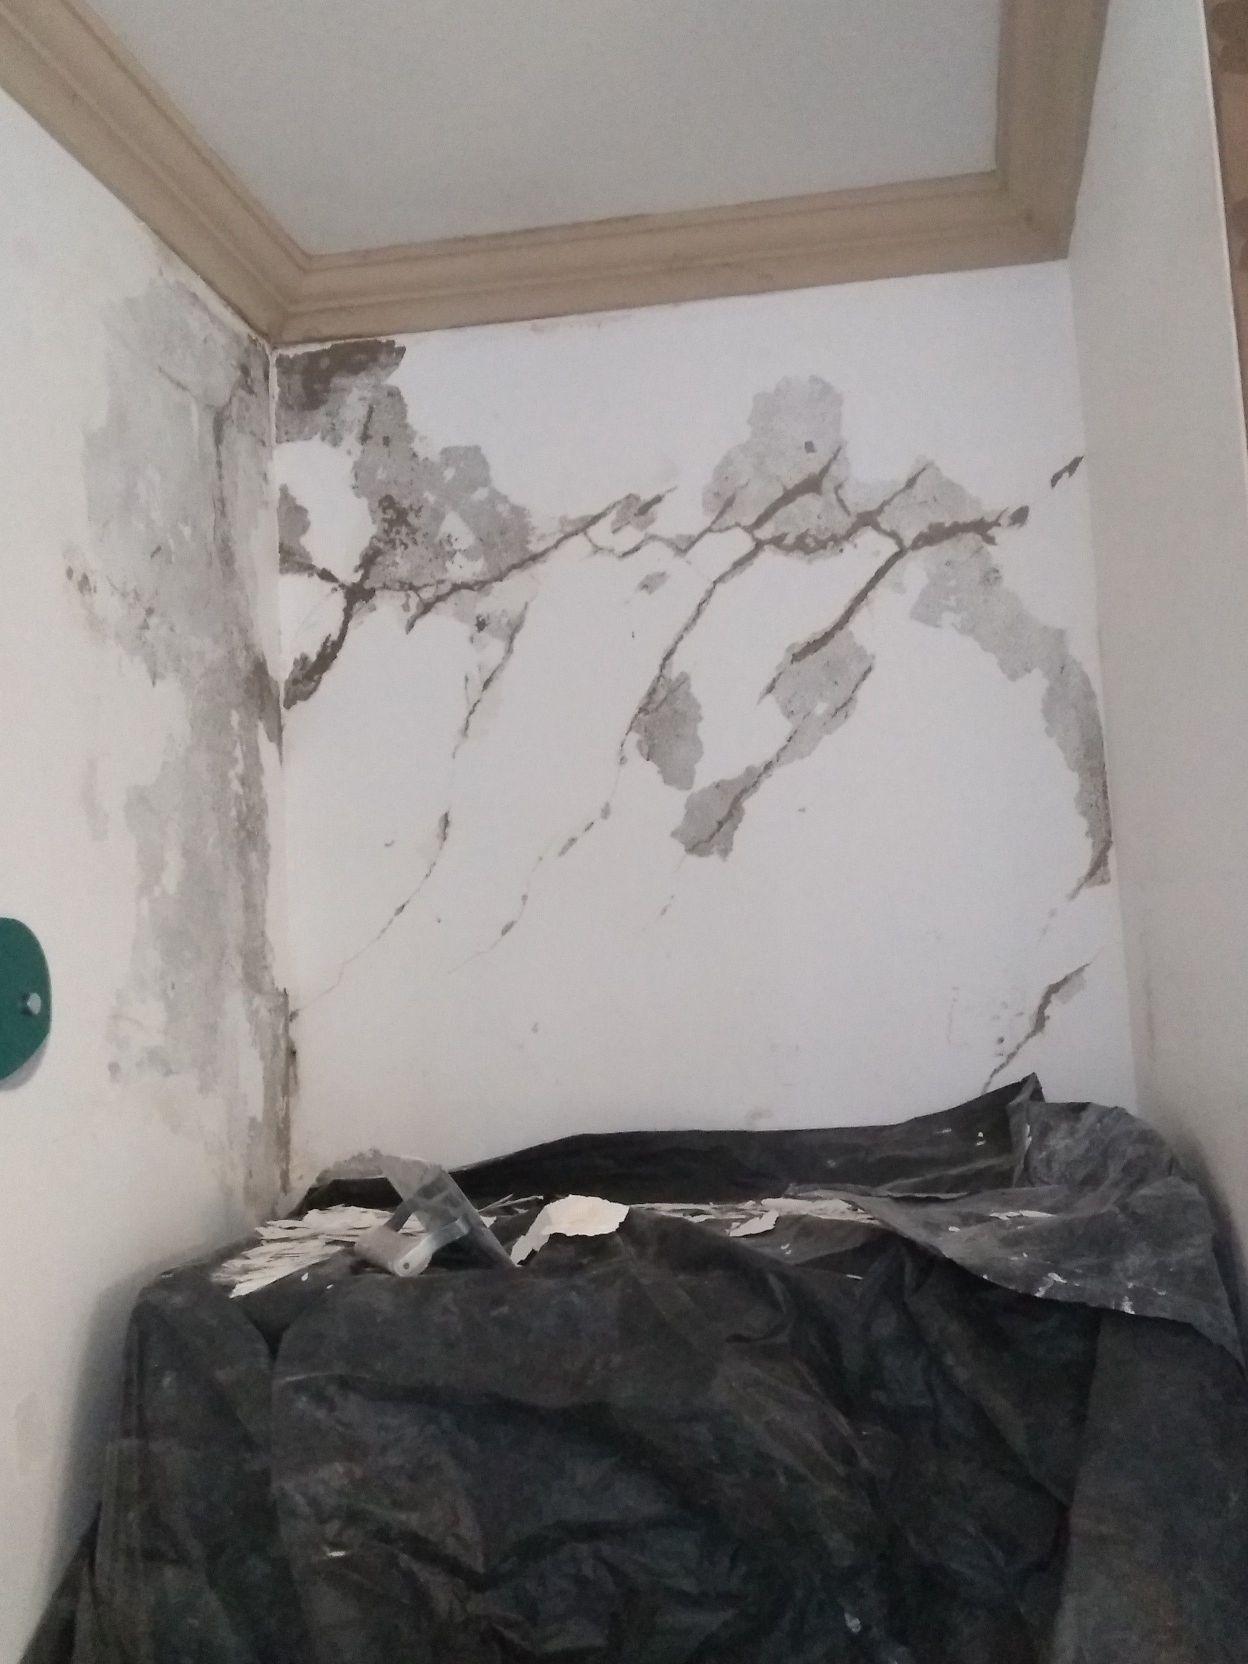 desplacamento da tinta na parede